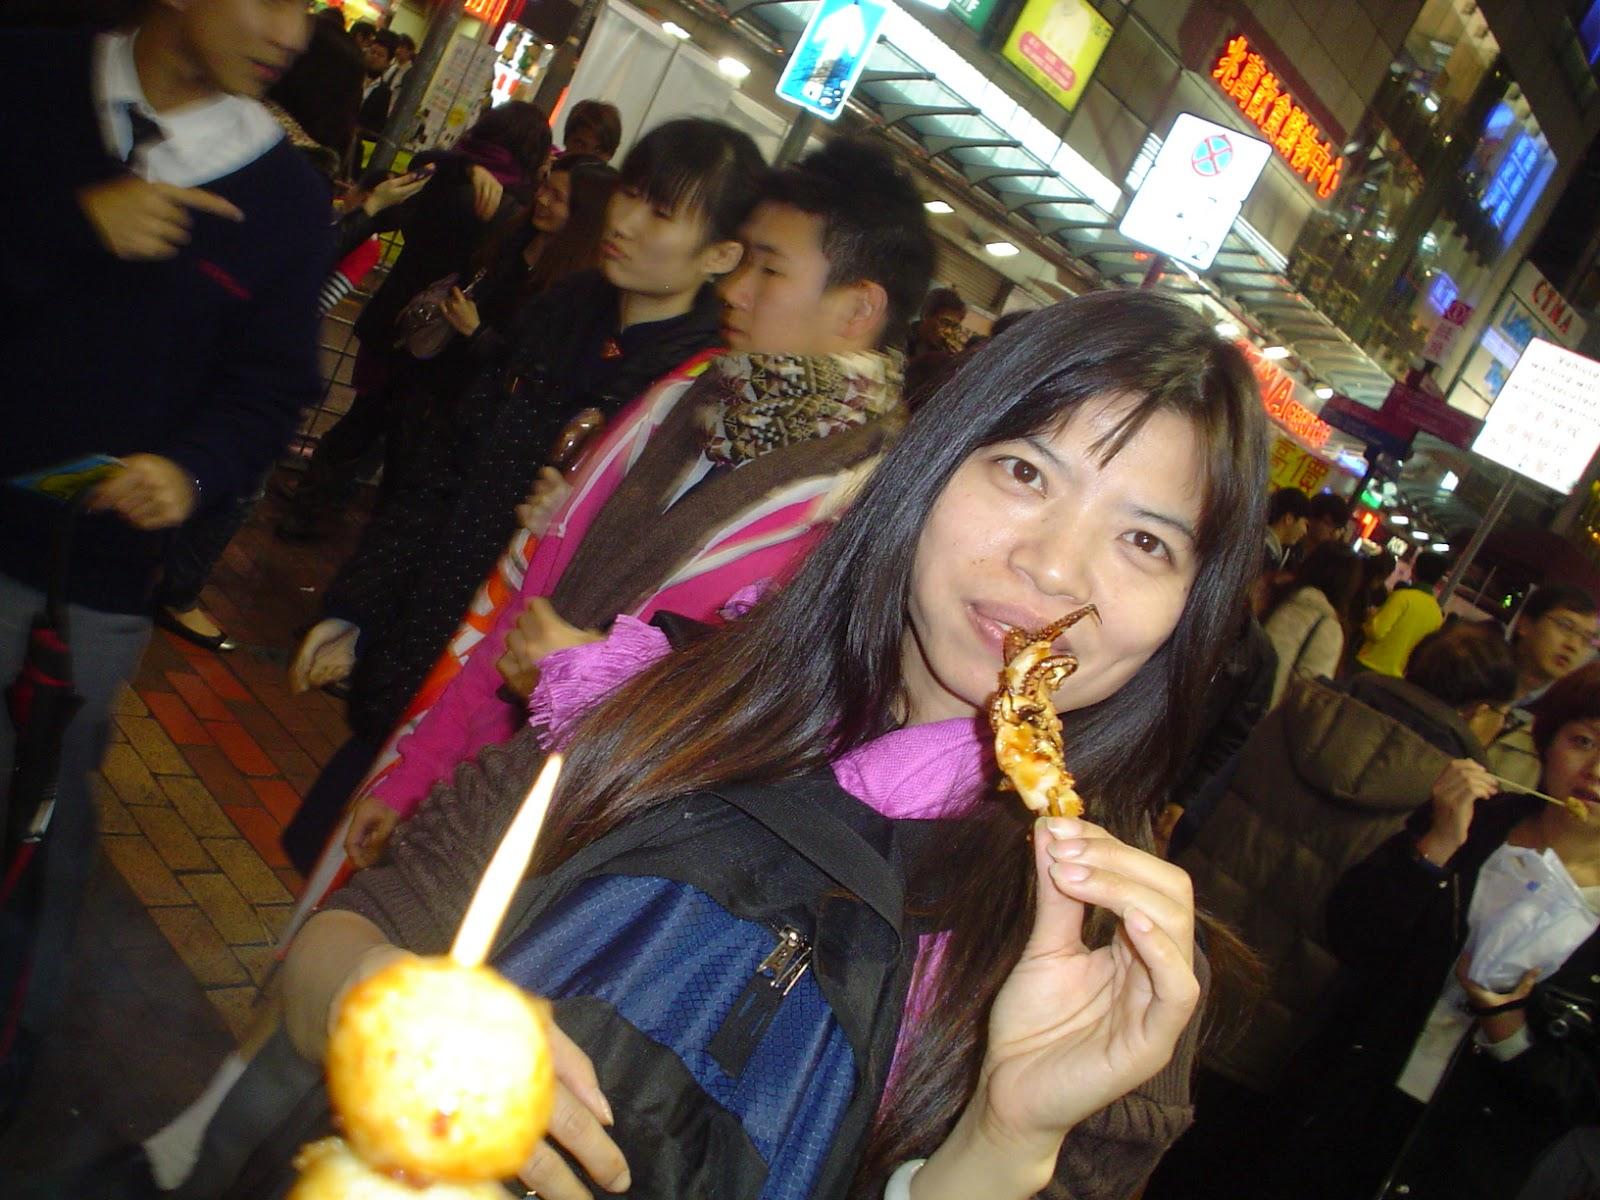 Hong Kong Island Nightlife - Where to Go at Night in Hong